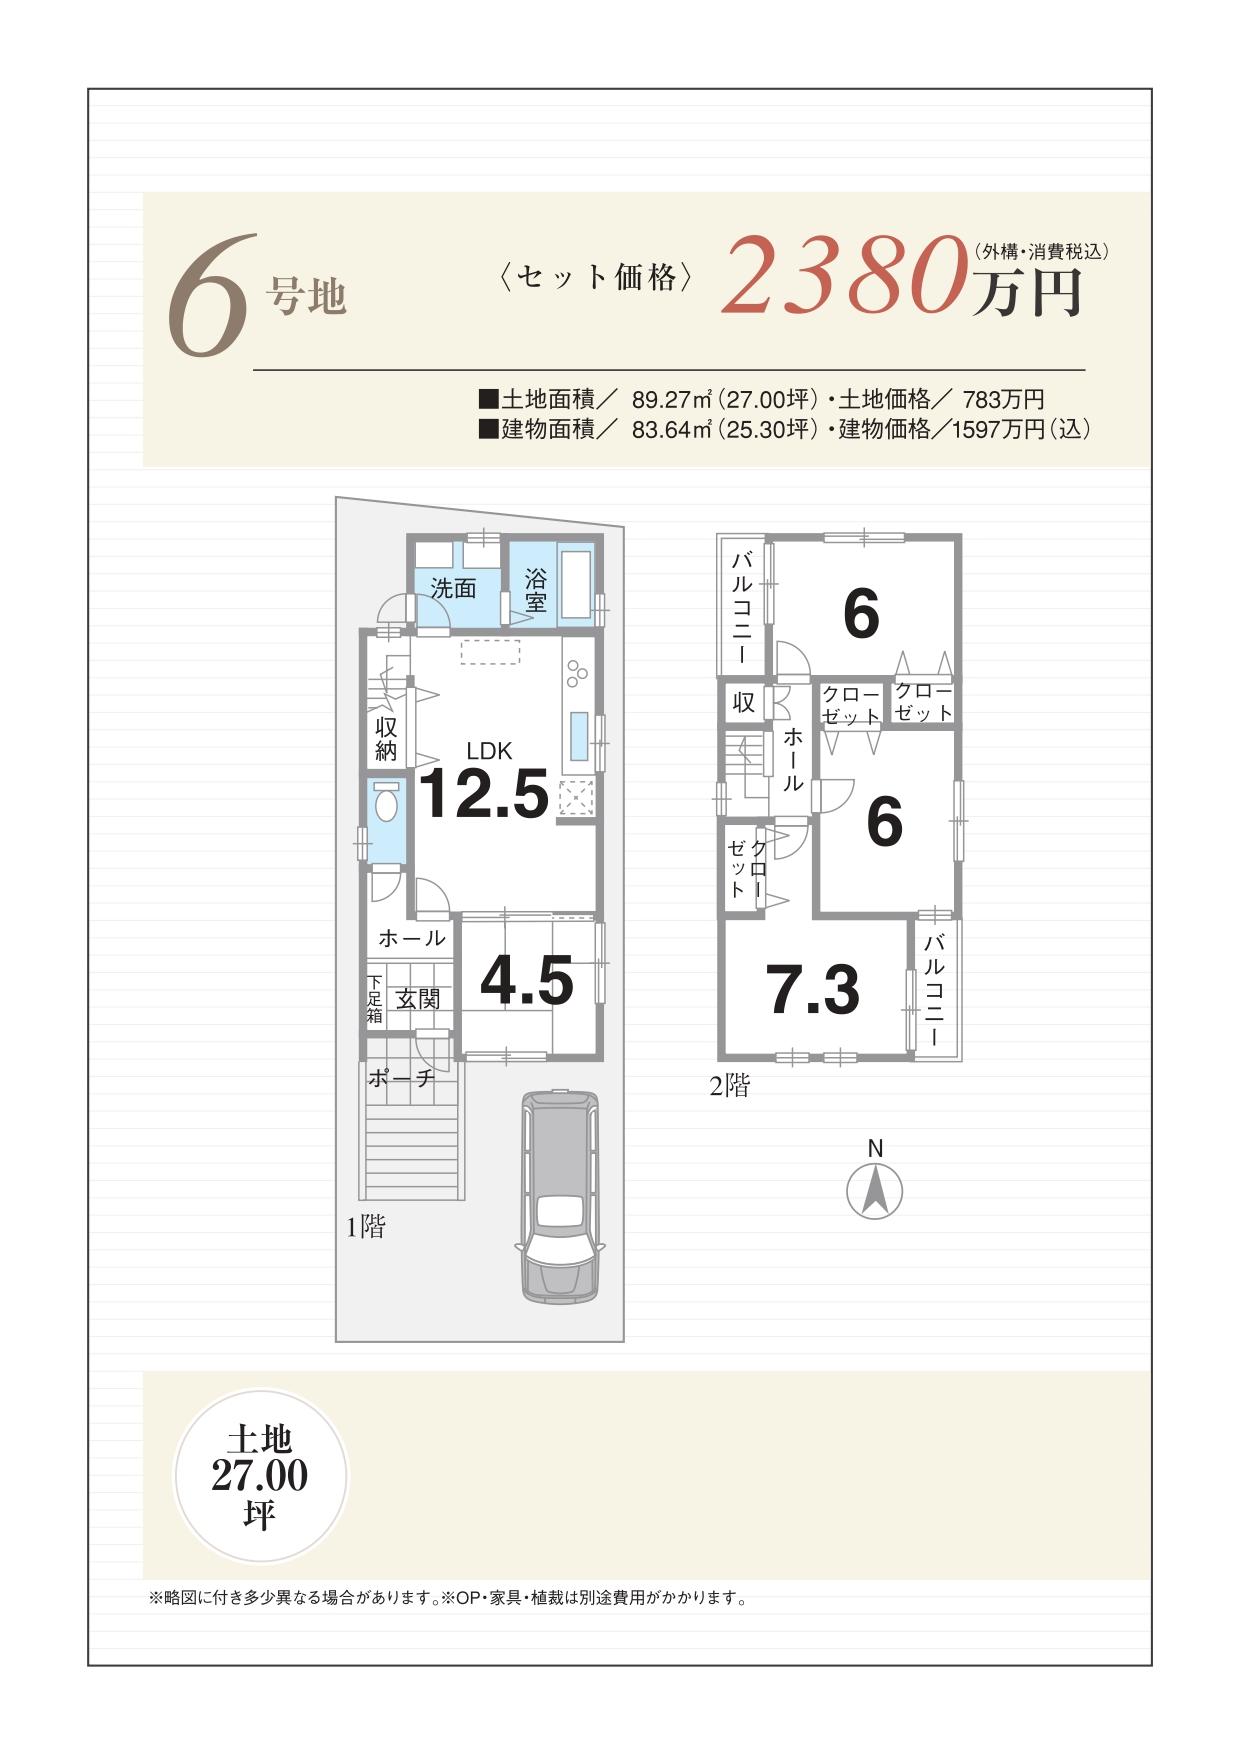 所在地:京都府八幡市八幡馬場31他価格:2,380万円土地面積:27.00坪建物面積:25.30坪